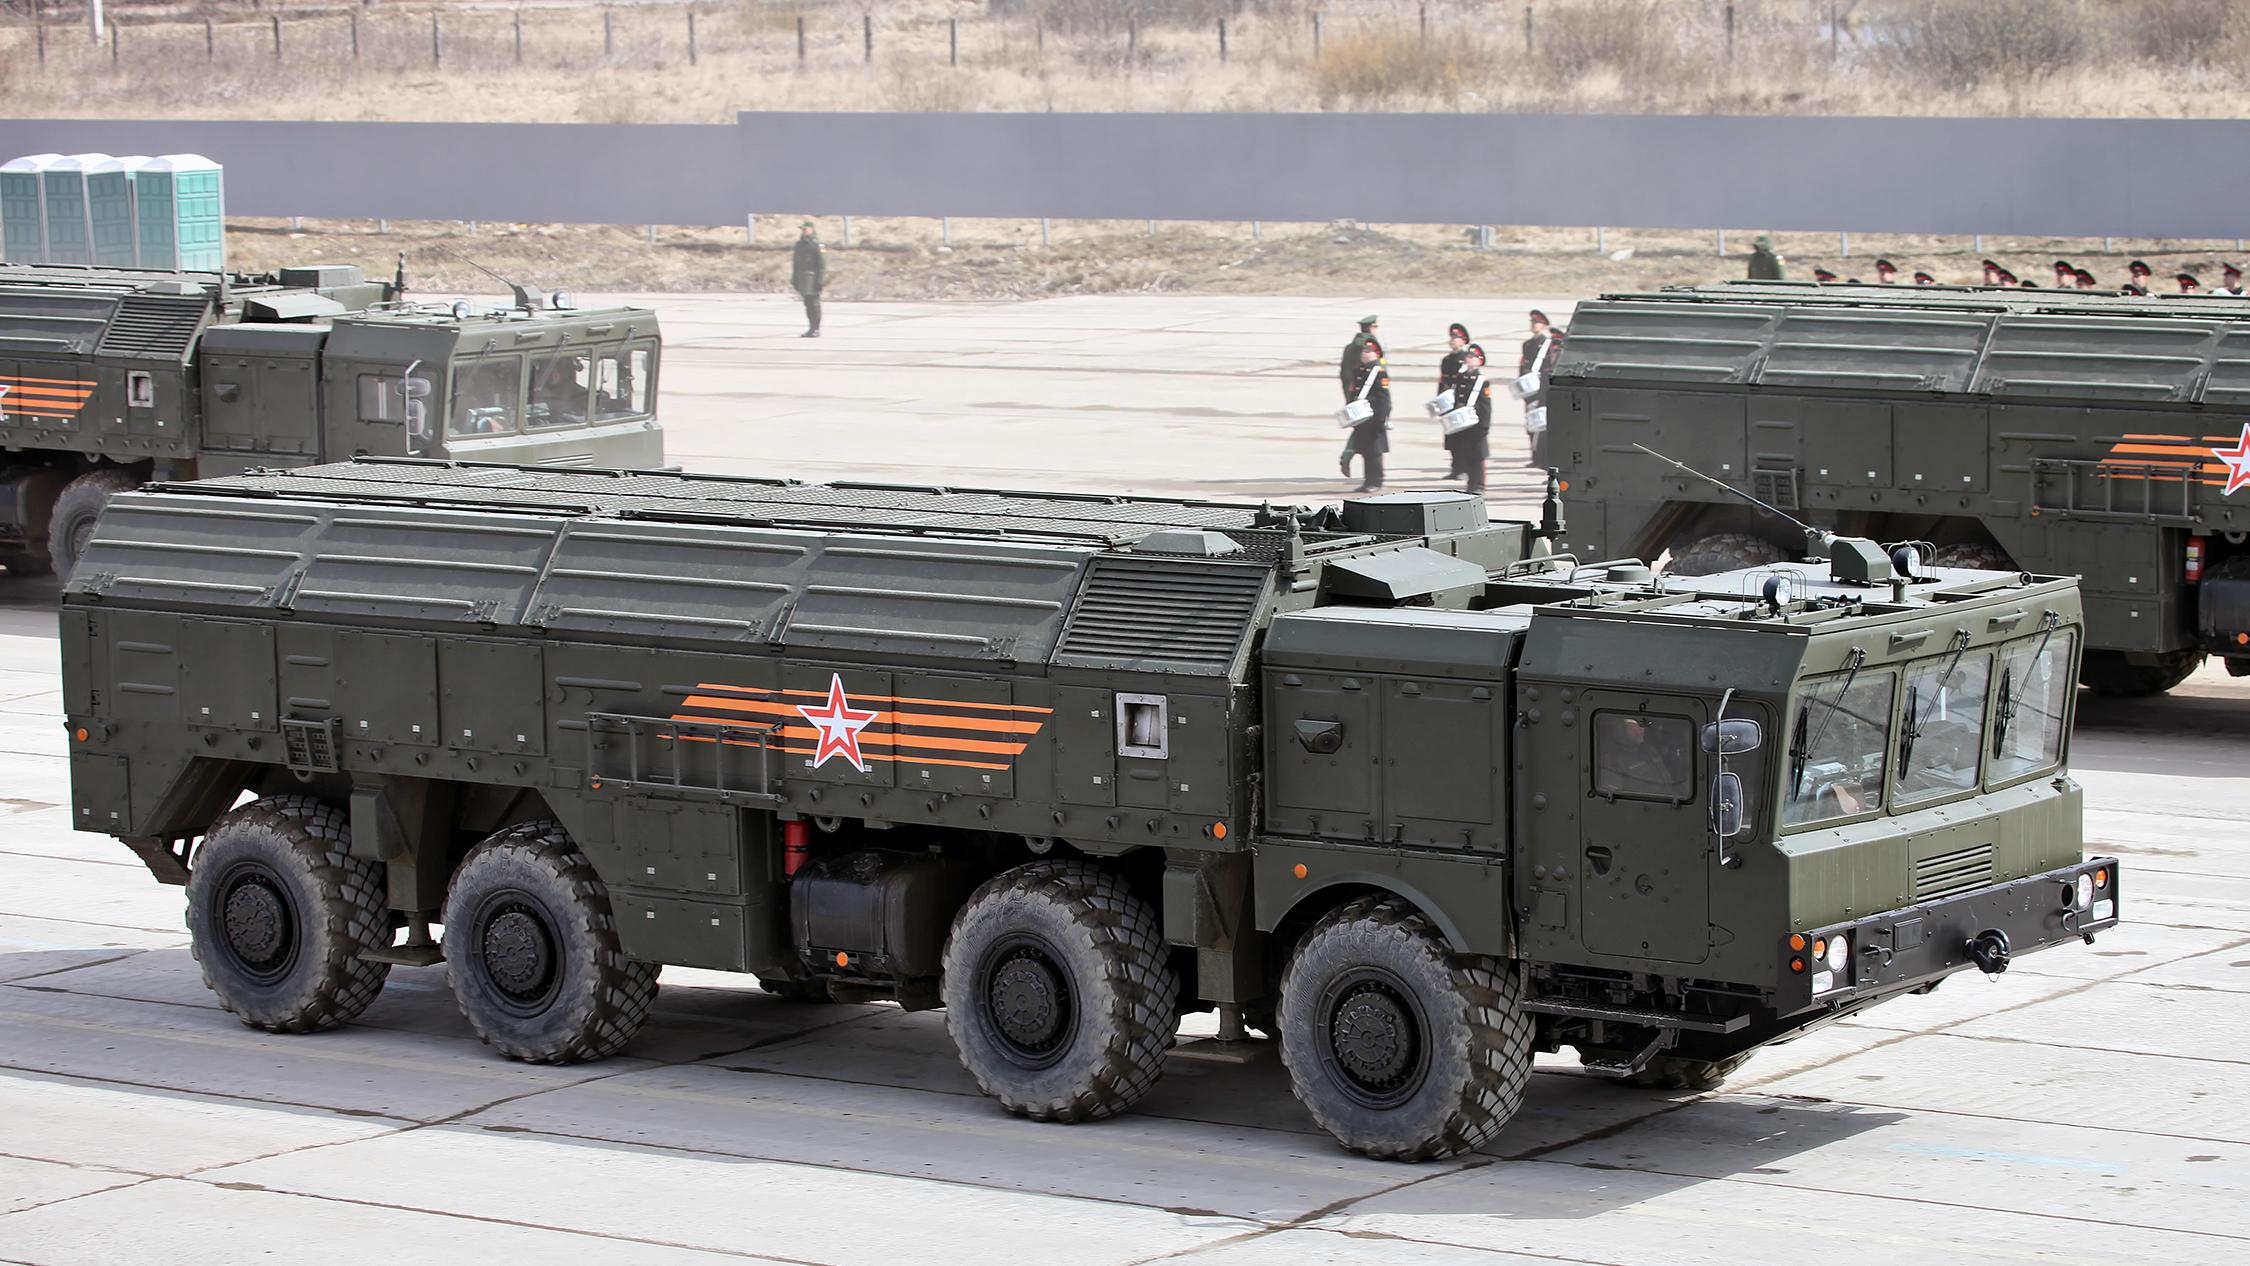 Фото: Экипажи оперативно-тактических ракетных комплексов типа «Искандер».